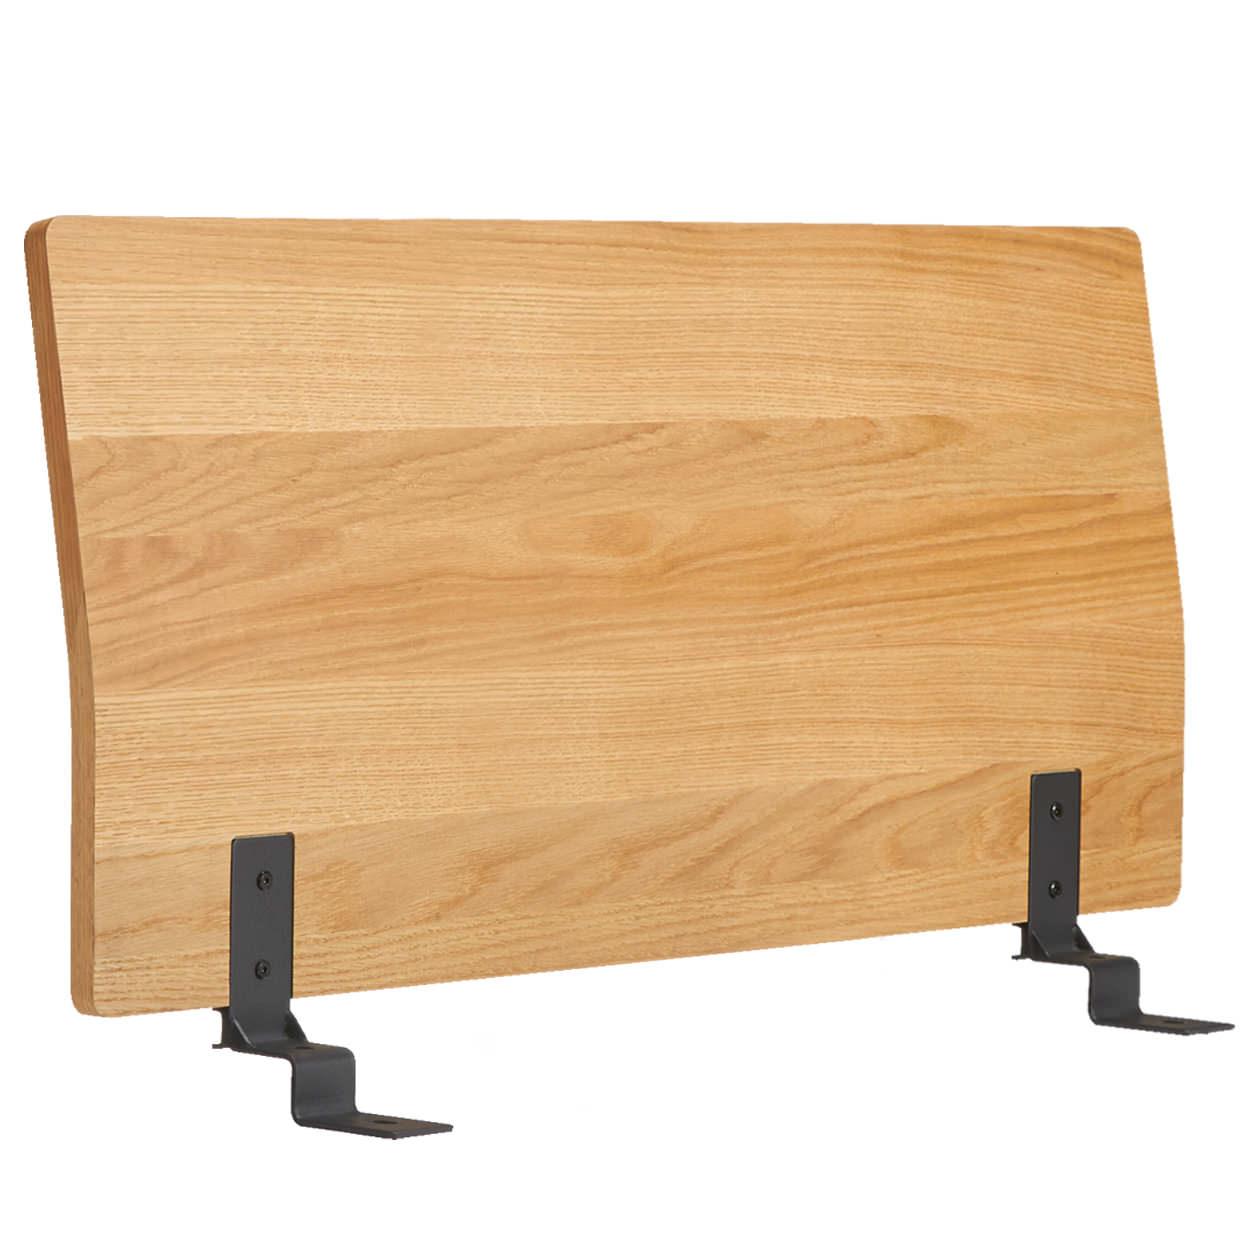 ベッドフレーム用ヘッドボード・セミダブル・オーク材